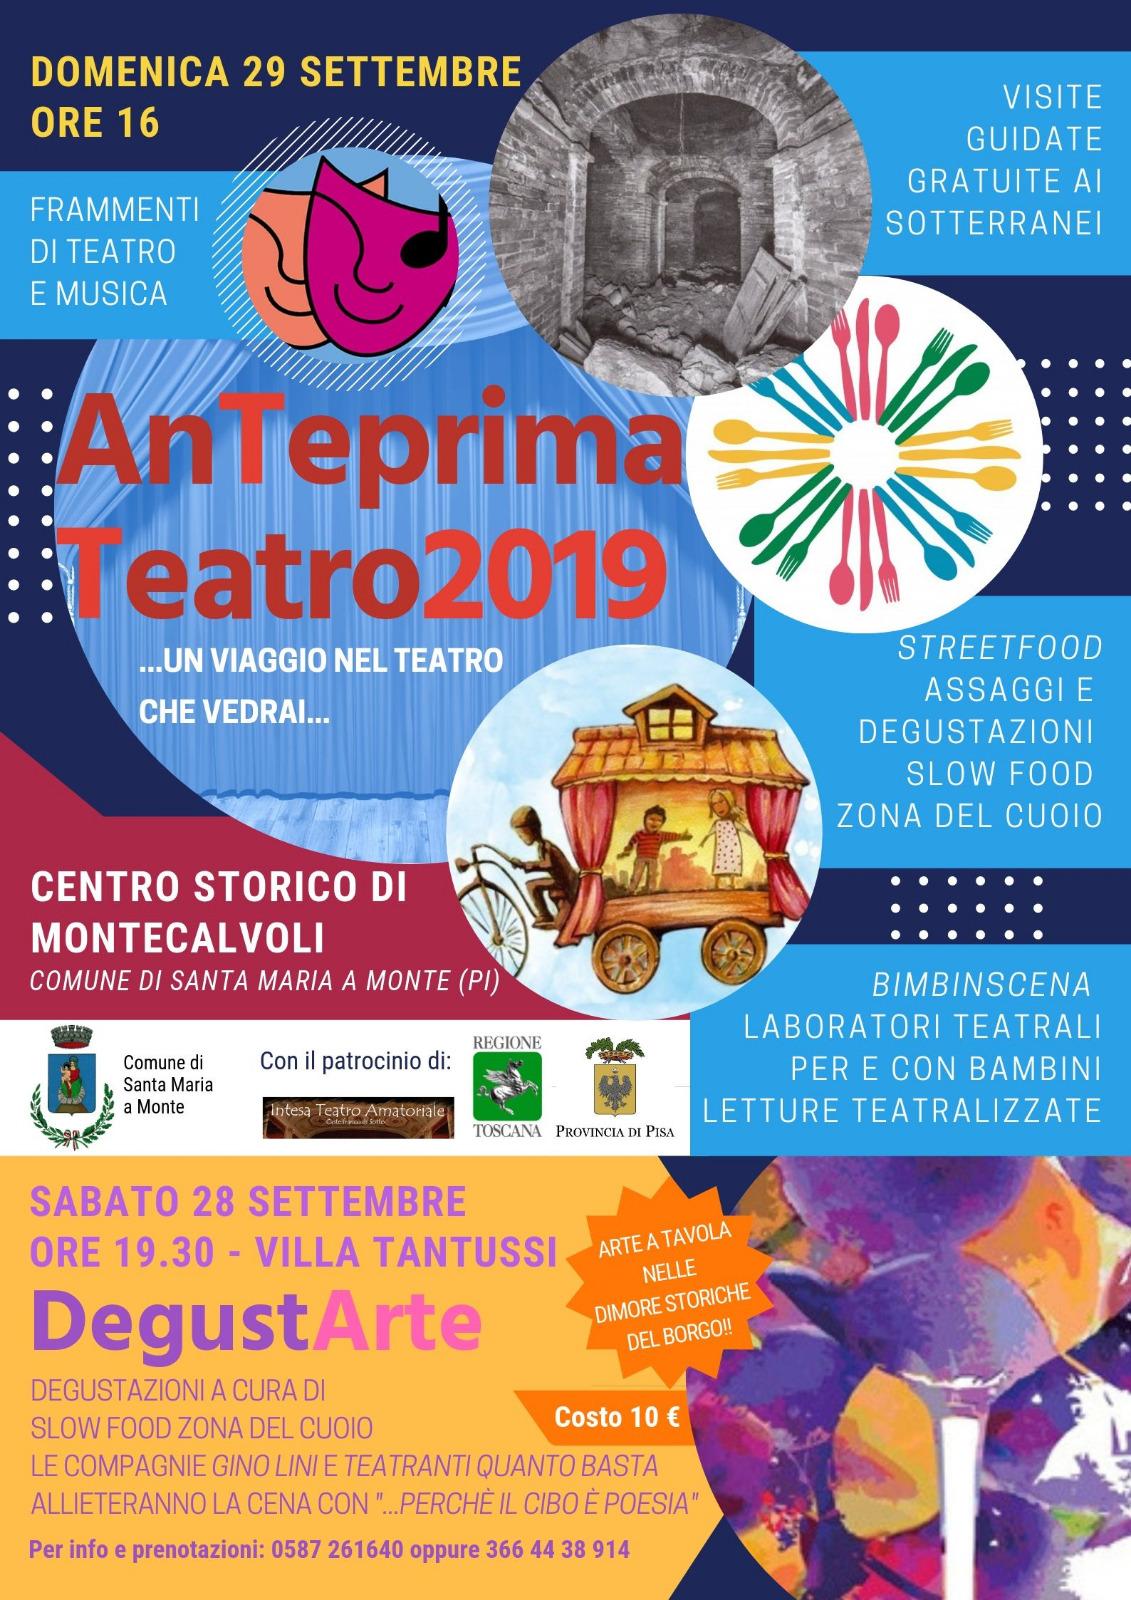 Anteprima Teatro 2019